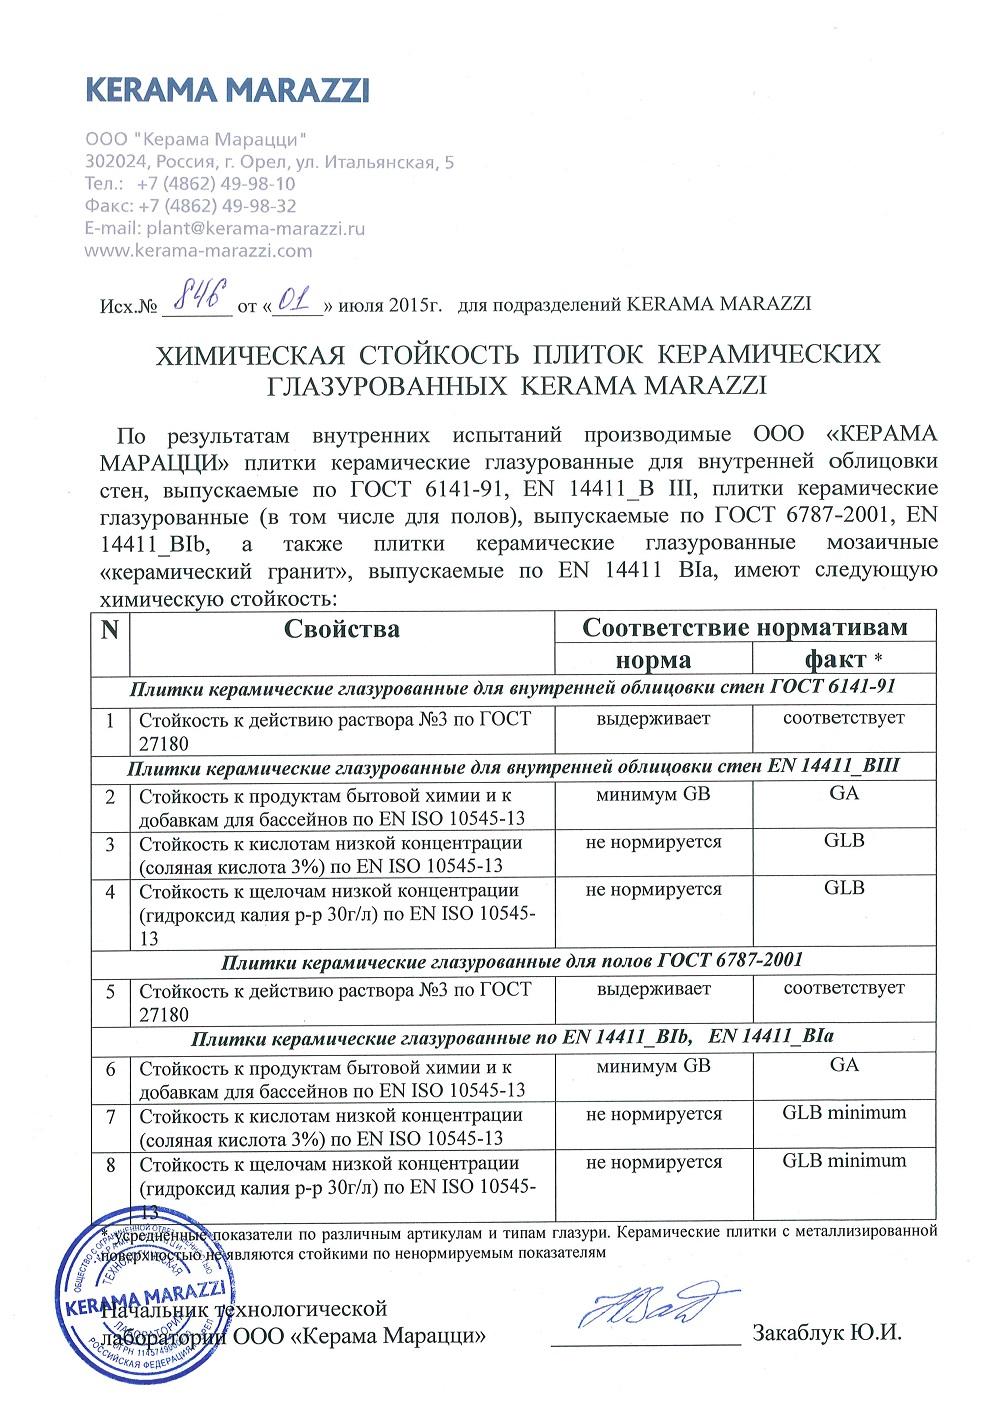 Протокол испытаний на кислотоустойчивость Kerama Marazzi